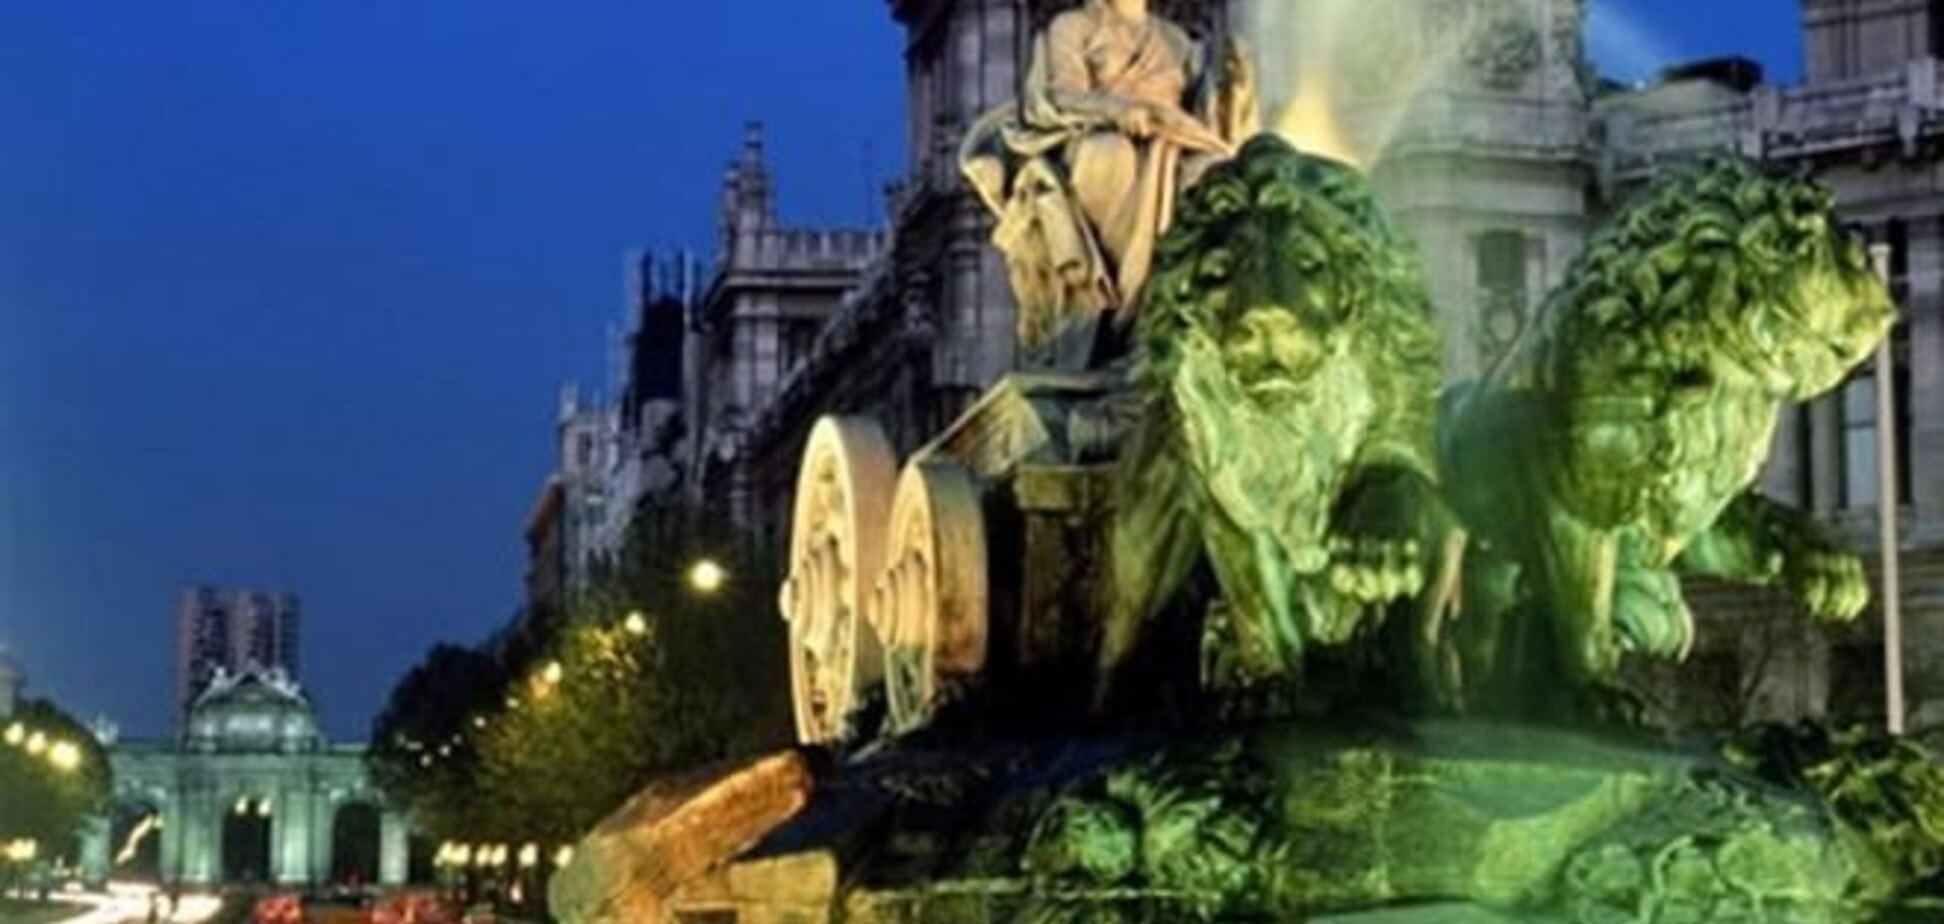 Аренда в престижных районах Мадрида и Барселоны вдвое превышает показатели по стране